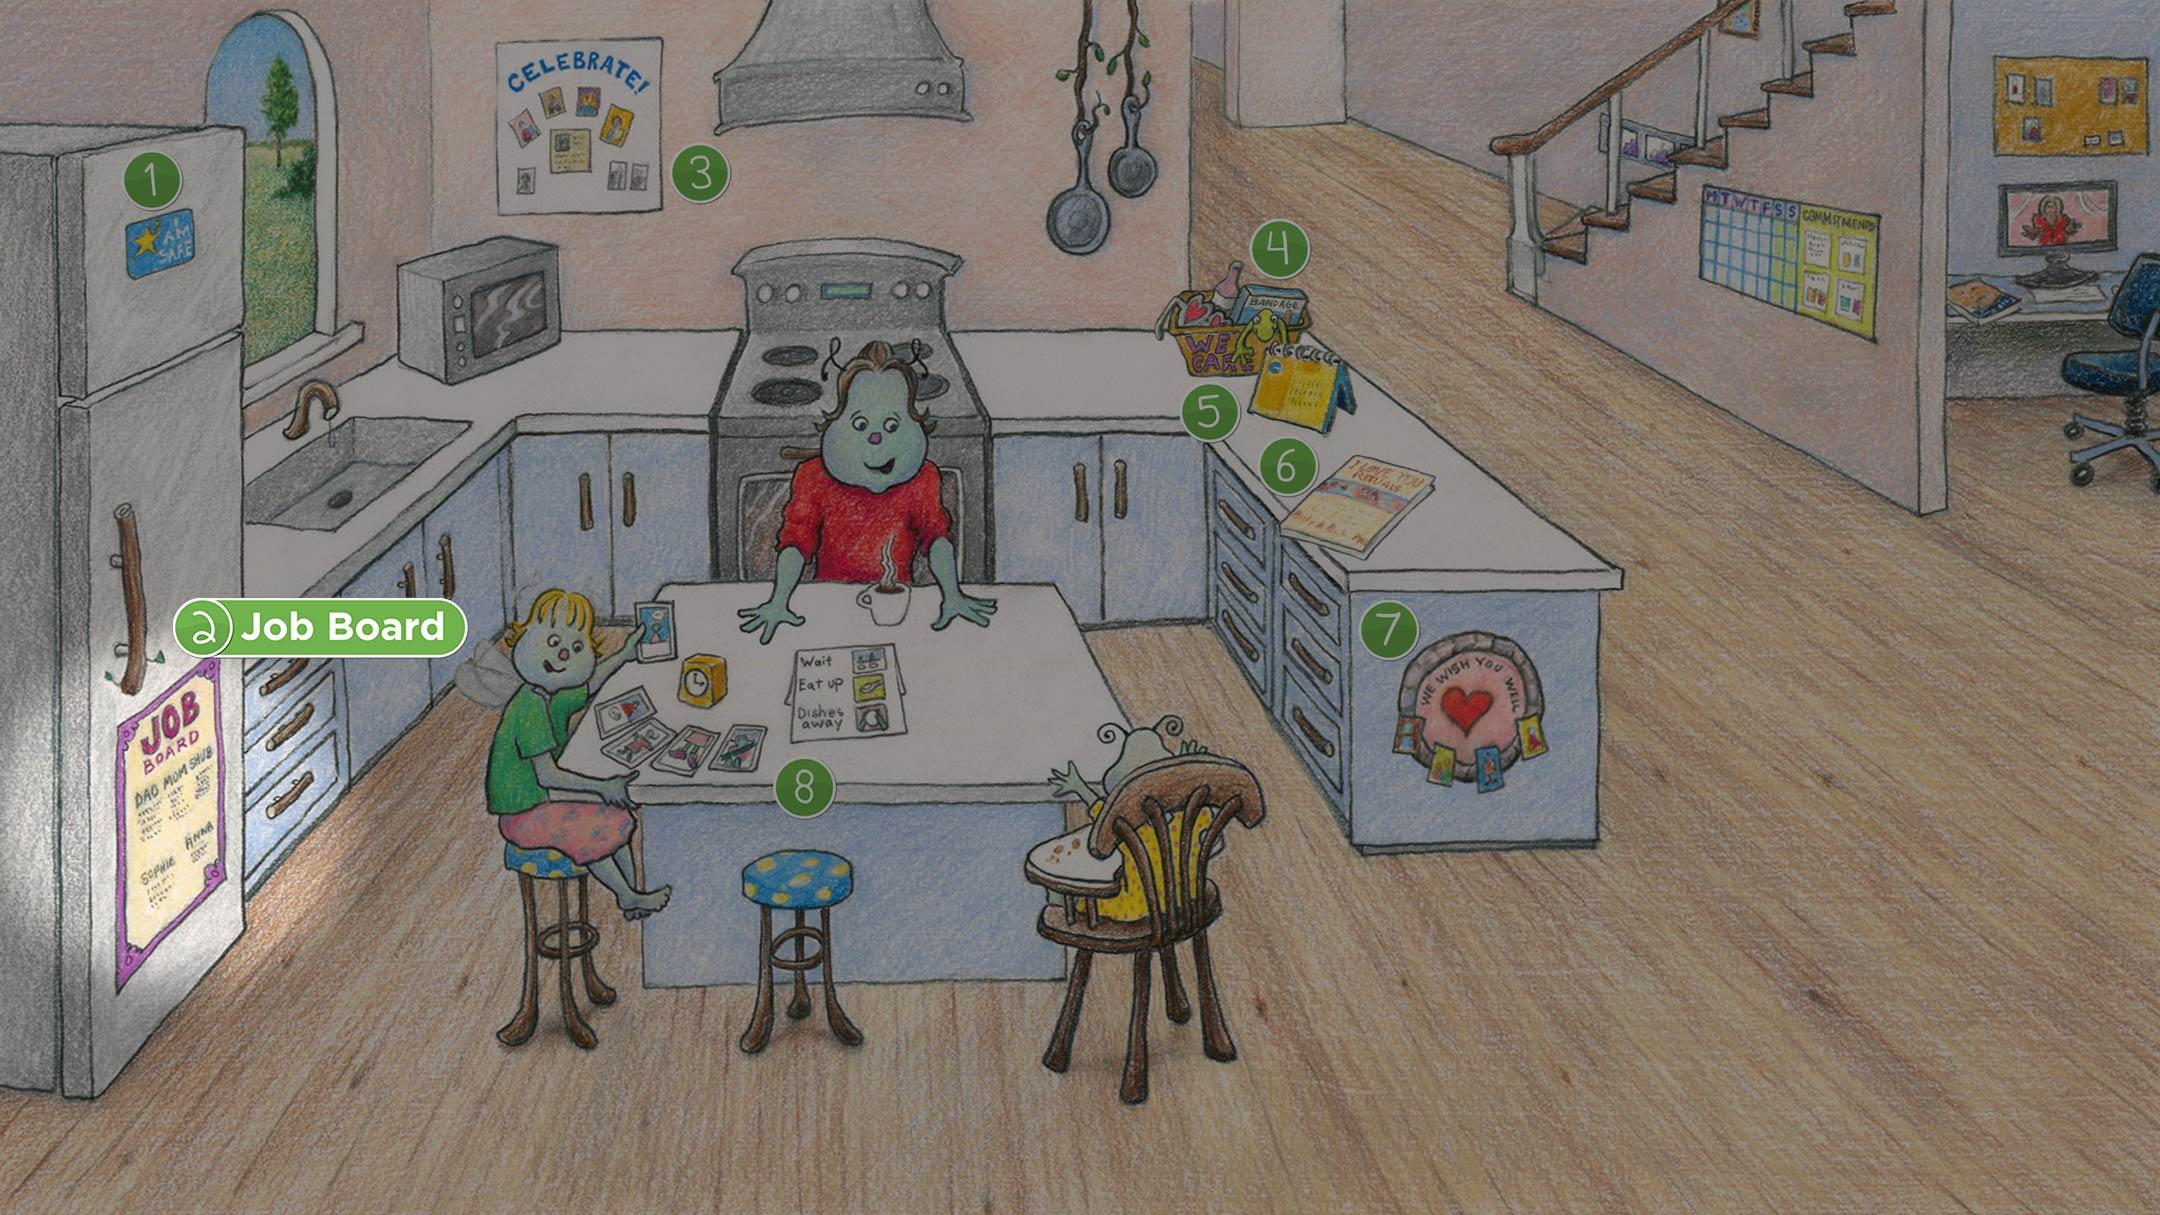 Kitchen: Job Board